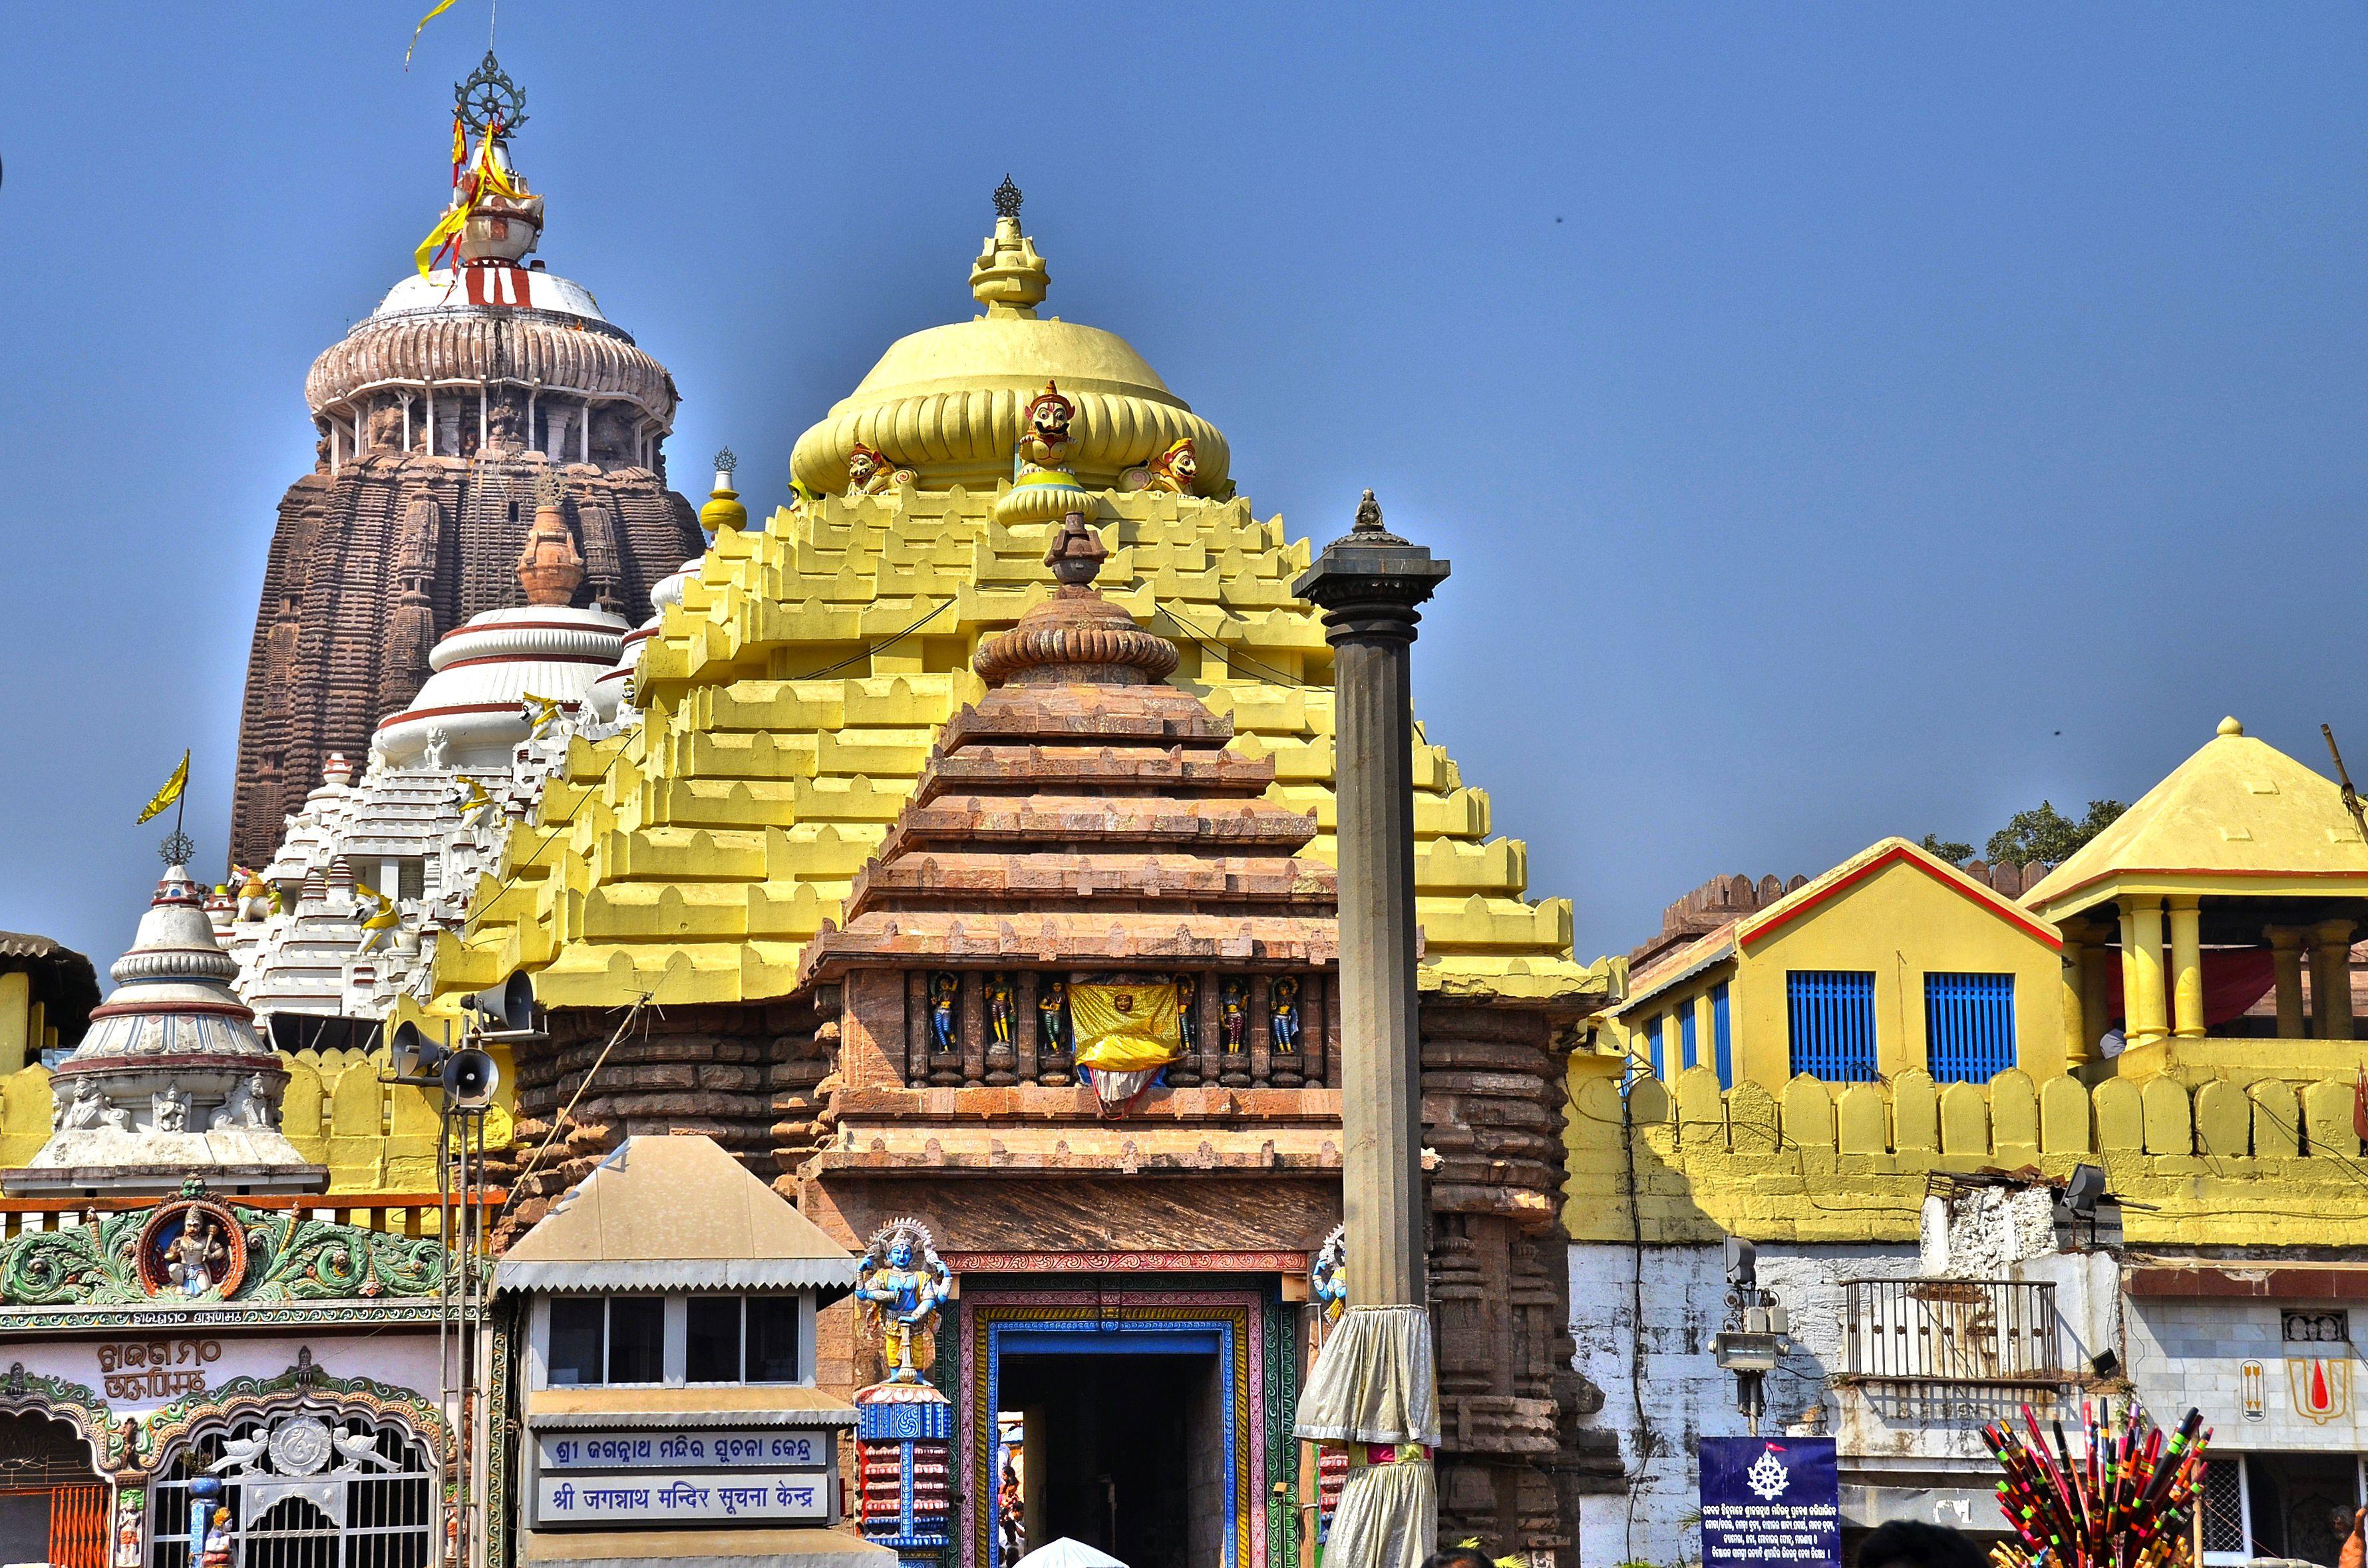 9 महीने बाद खुले श्री जगन्नाथ मंदिर के द्वार, 3 जनवरी से होंगे श्रद्धालुओं को दर्शन